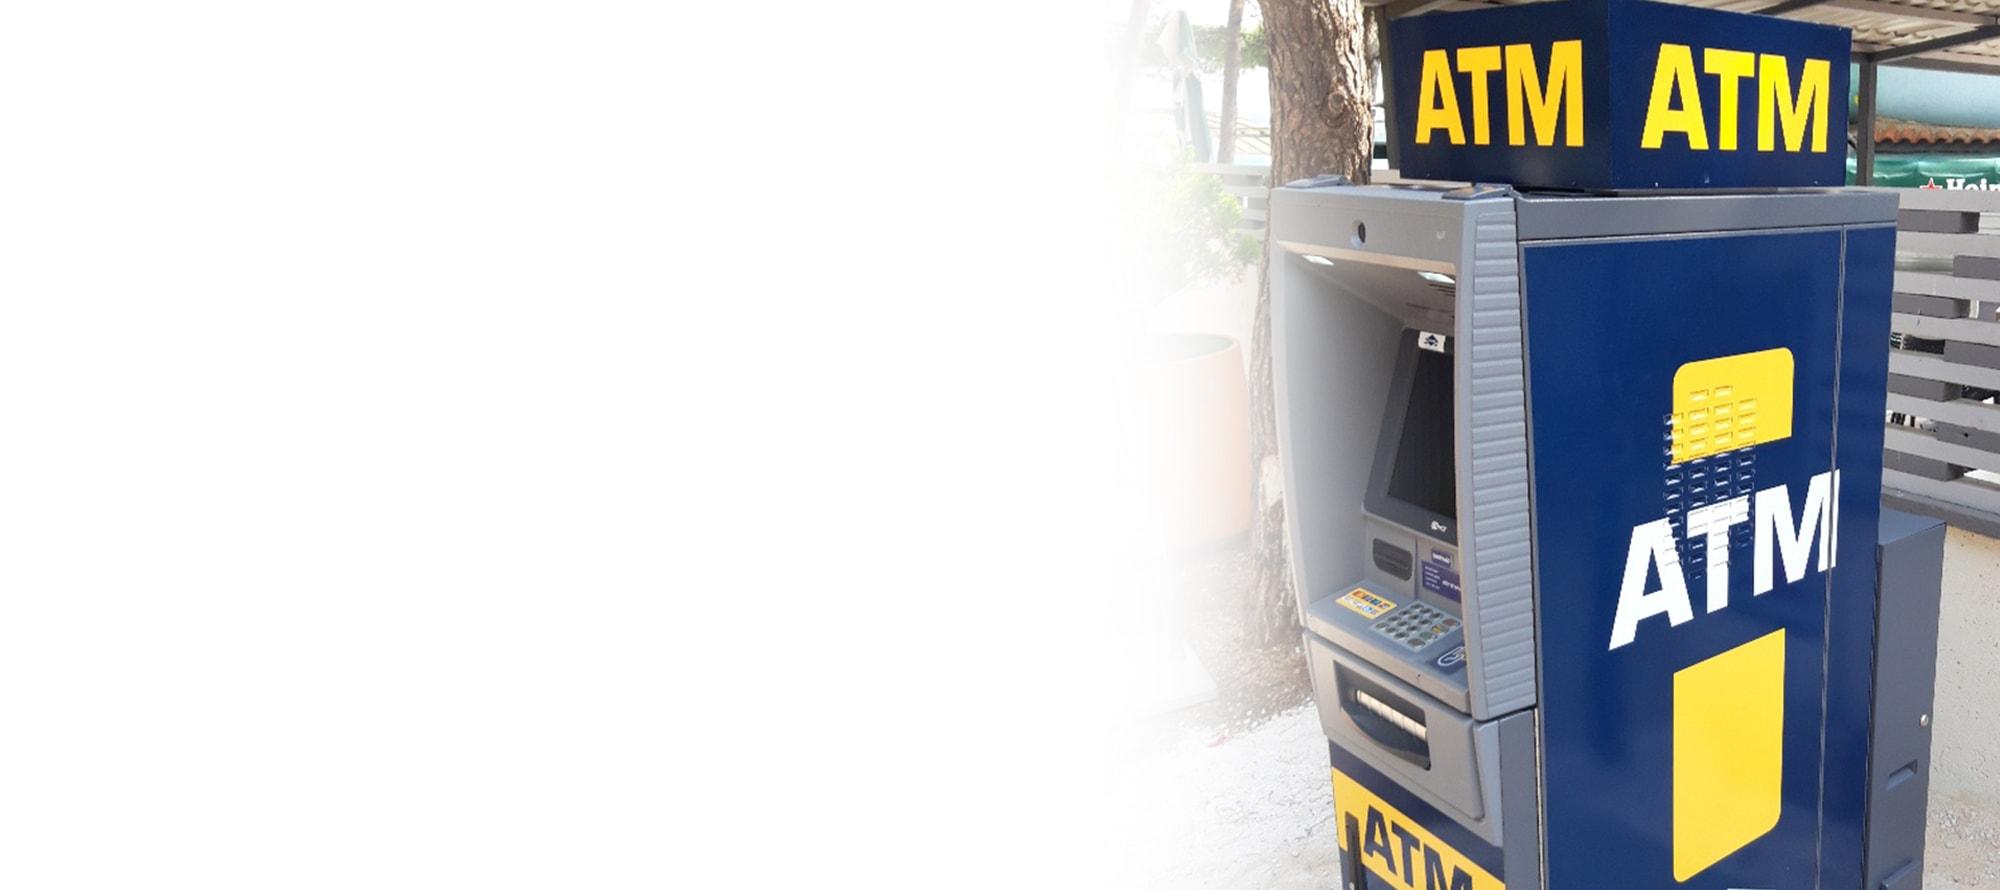 Euronet bankomat mogao bi biti od koristi Vašem poslovanju i pružiti kupcima praktičan pristup gotovini.